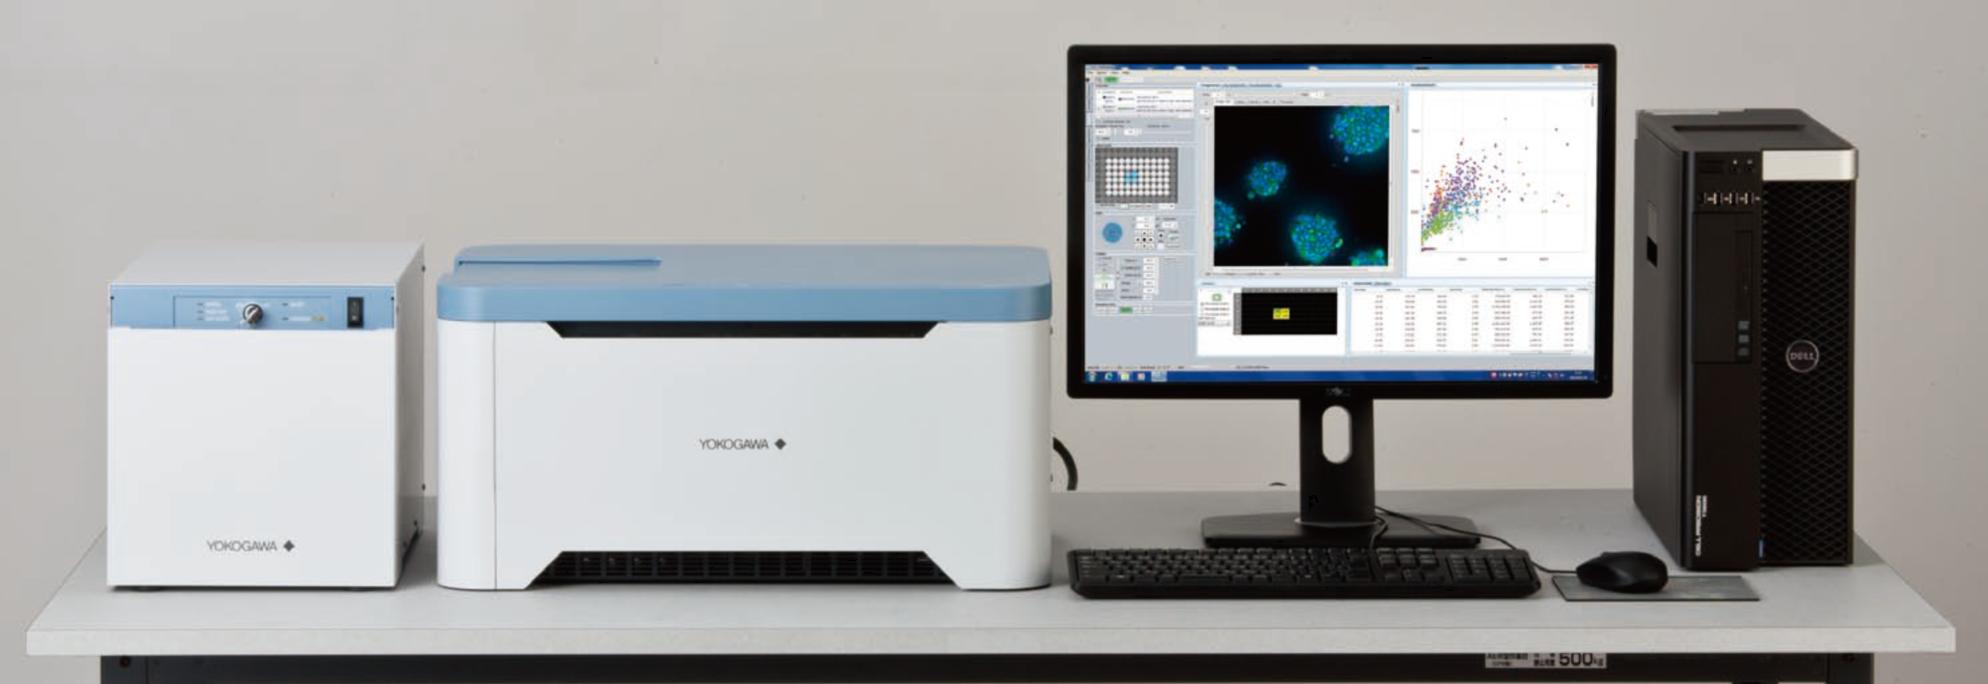 Yokogawa CQ1高精度细胞定量成像分析系统